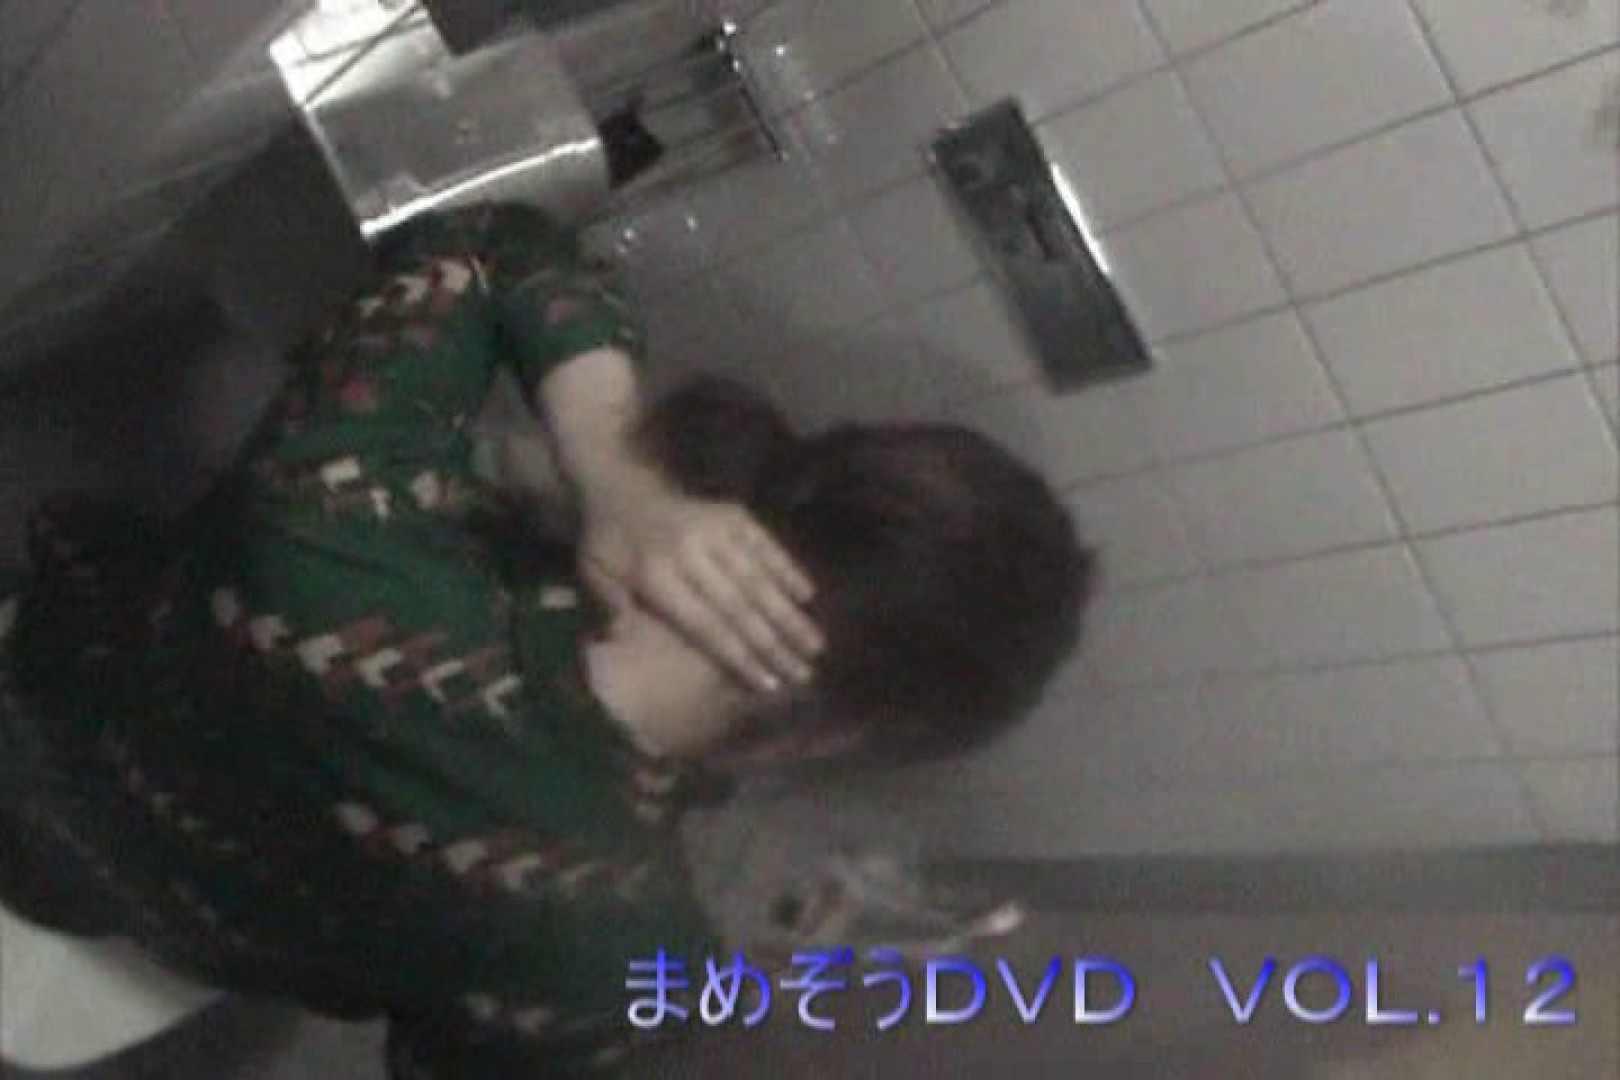 まめぞうDVD完全版VOL.12 OL   ギャル・コレクション  63連発 4